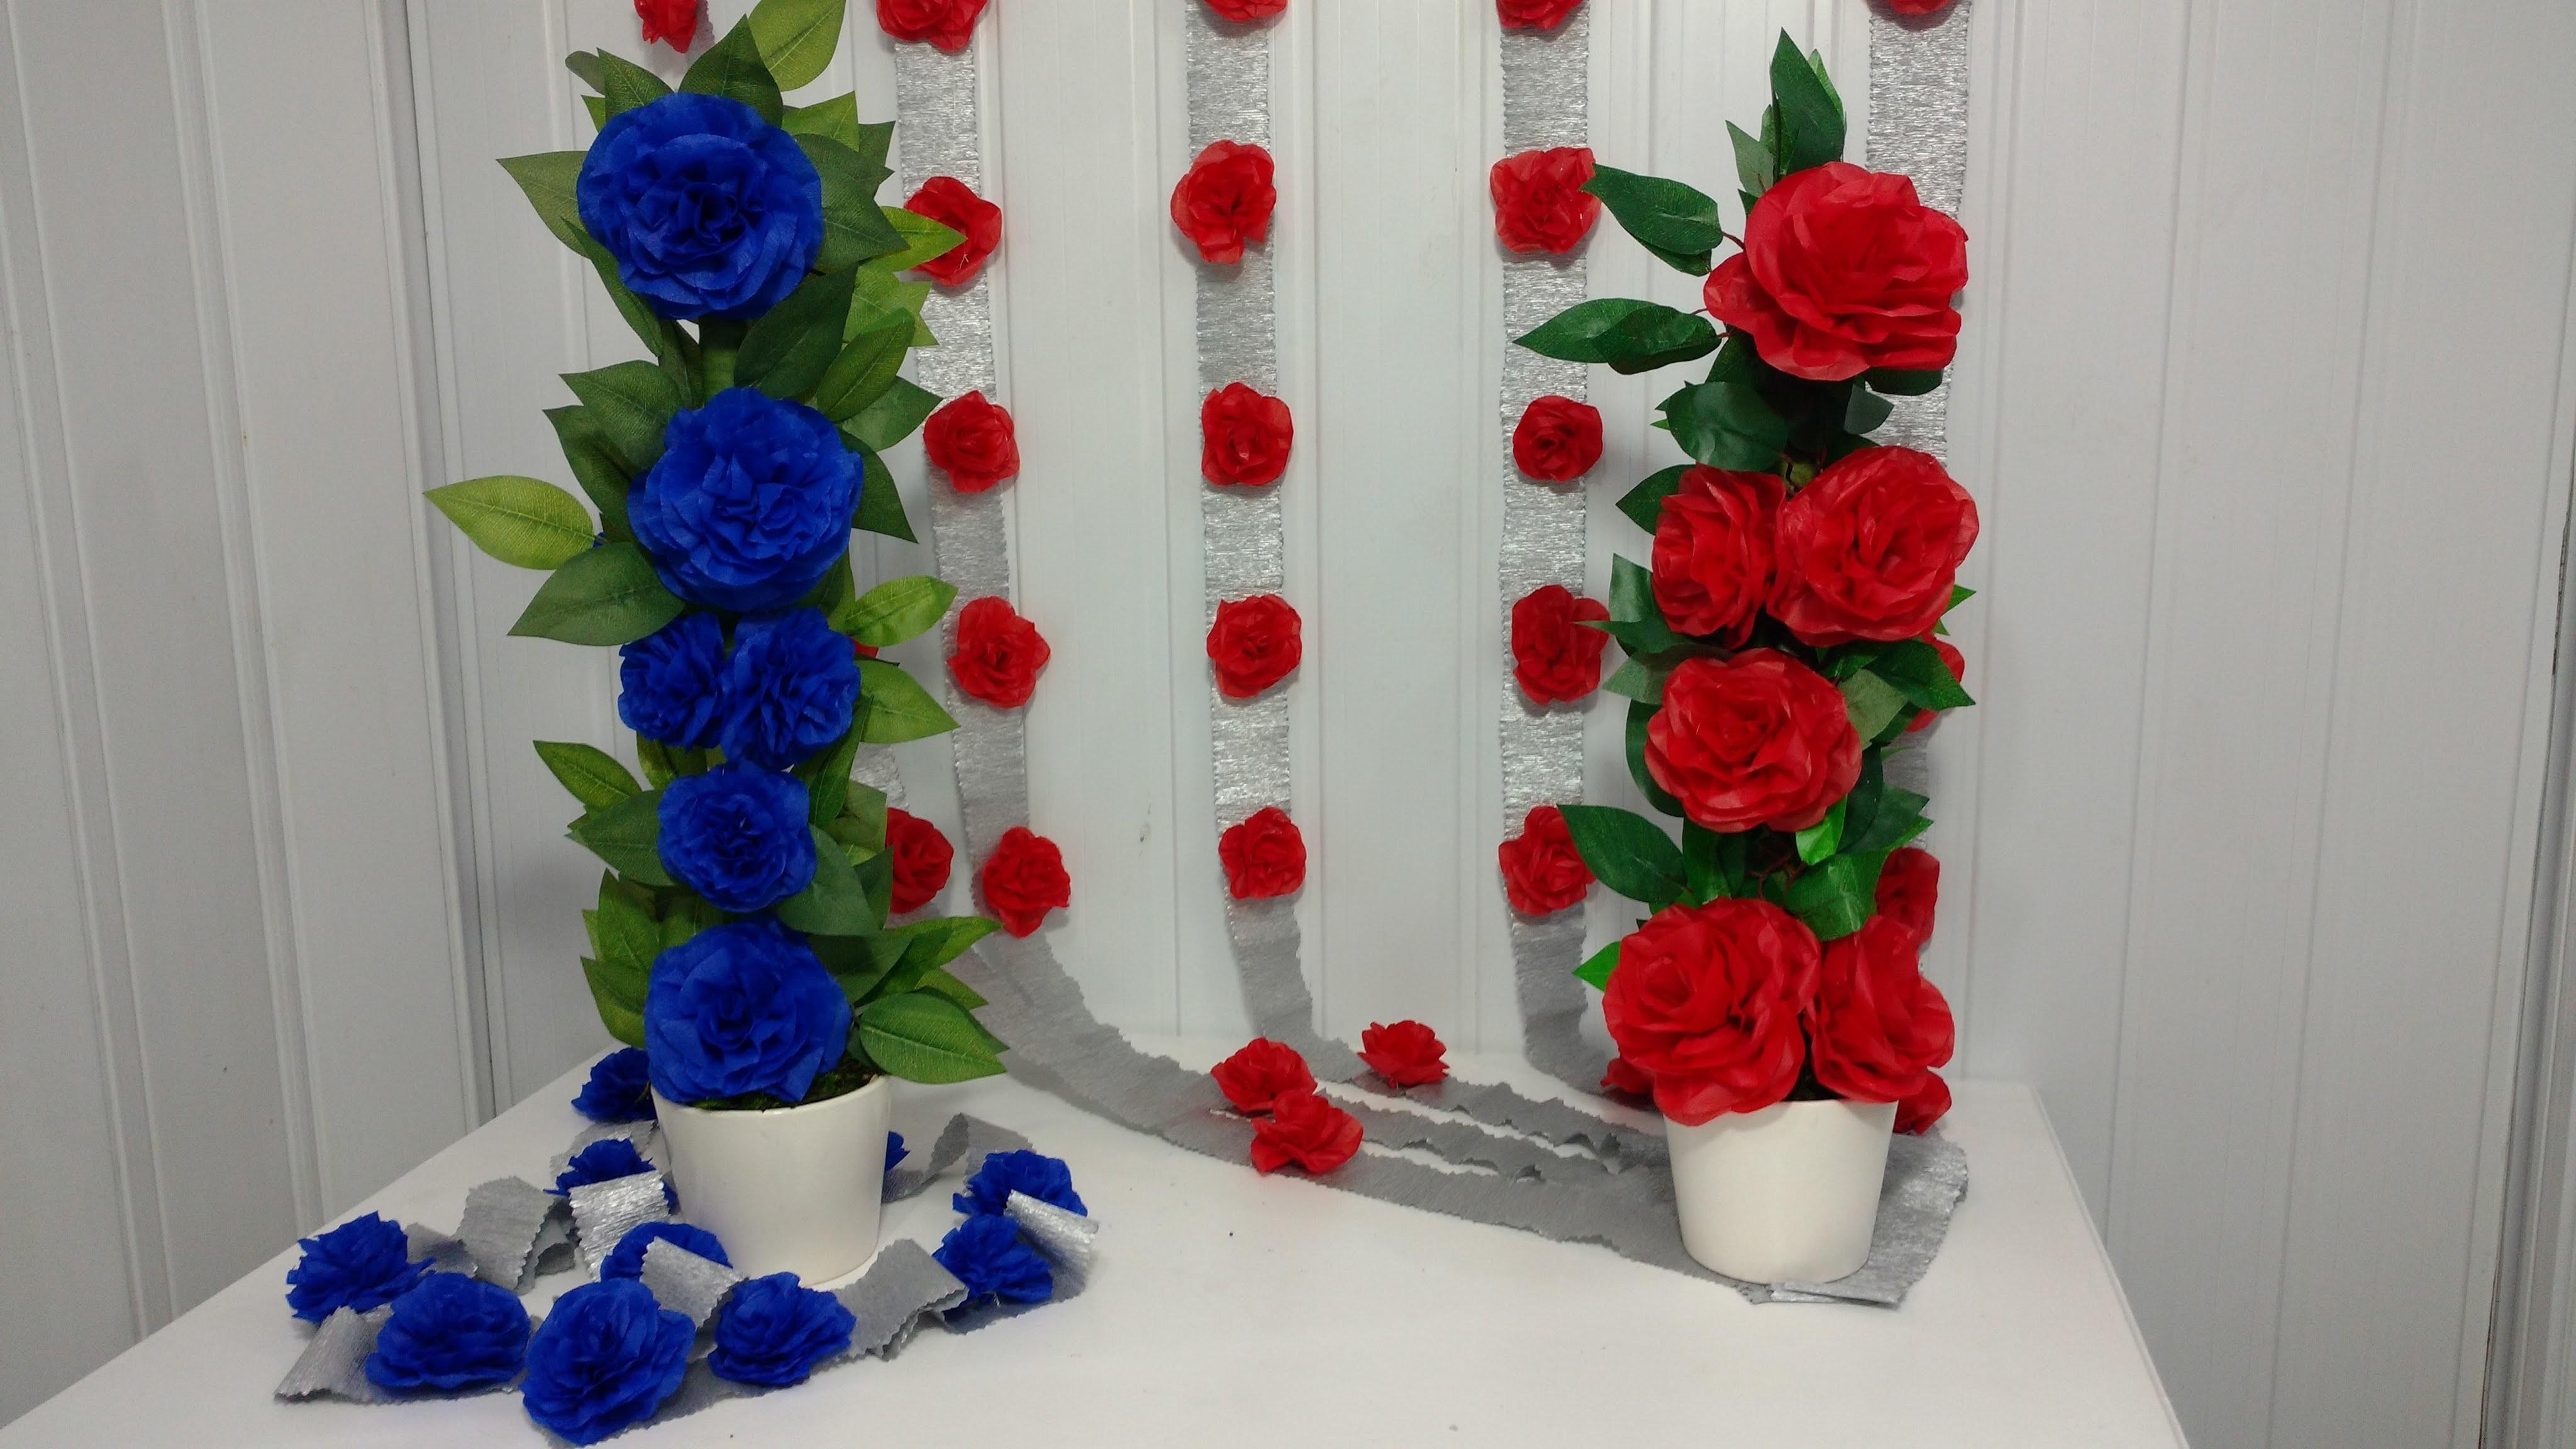 Aula 43 - Como fazer arranjo com flores de papel de seda (Artesanato)